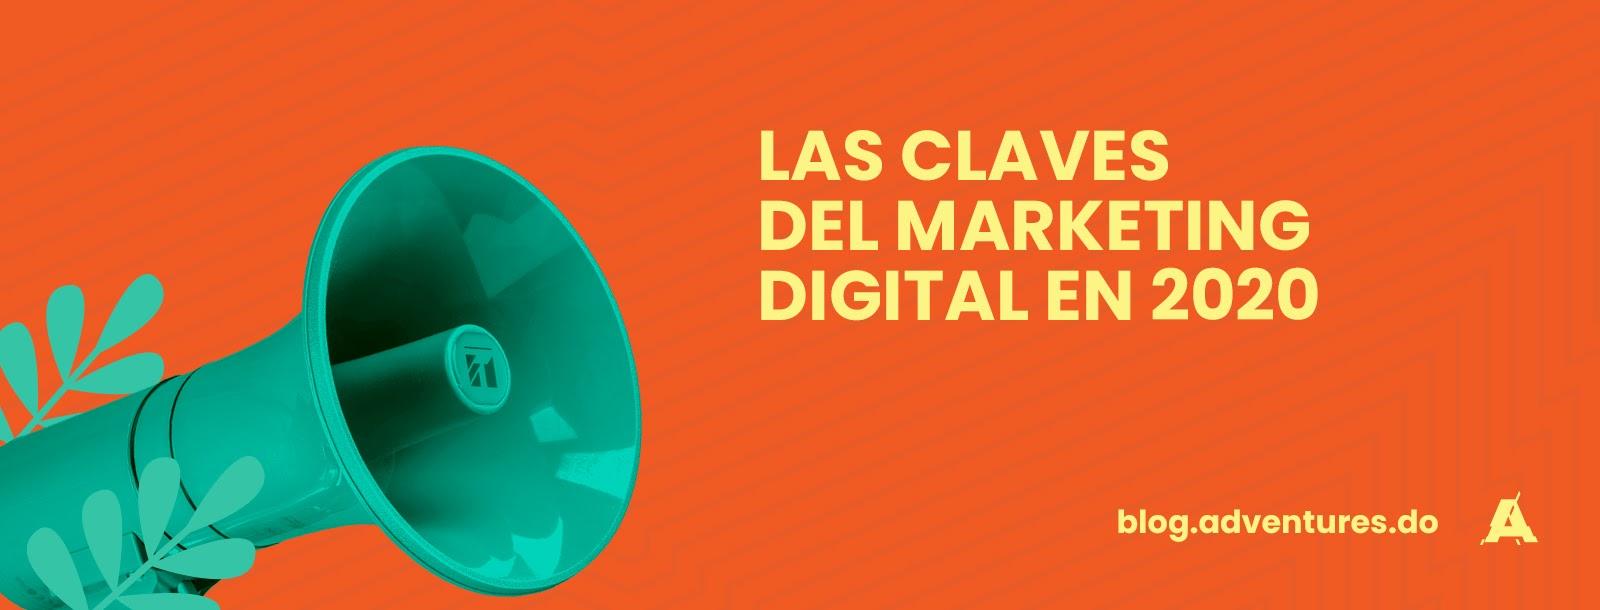 Las claves del Marketing Digital en 2020